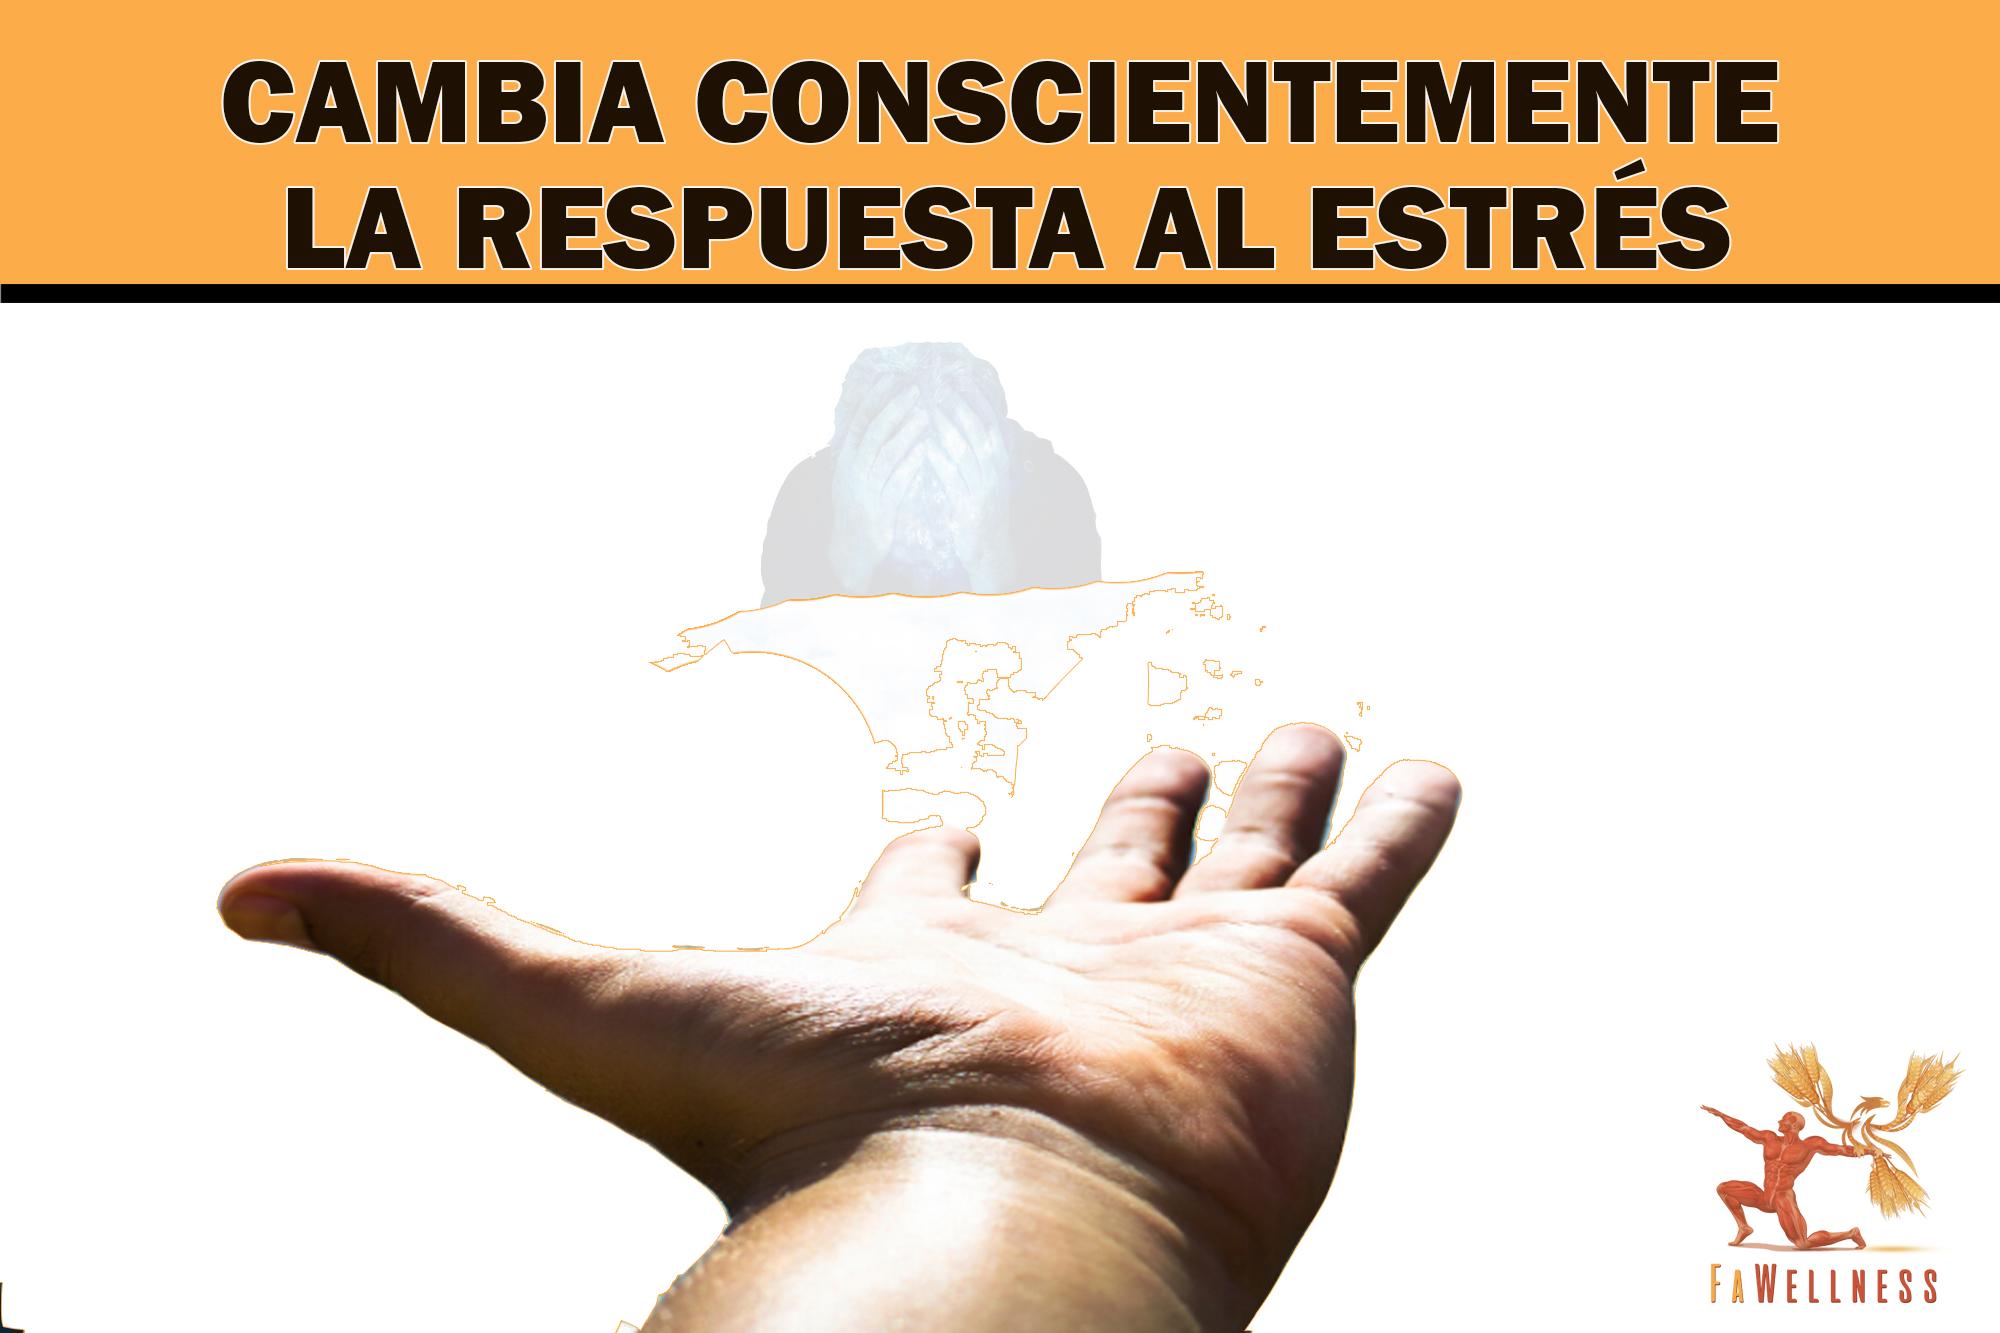 imagen blog FaWellness | TÉCNICAS PARA CAMBIAR CONSCIENTE MENTE LA RESPUESTA AL ESTRÉS GENERANDO UN ESTADO DE CALMA, SEGURIDAD Y REPOSICIÓN DE ENERGÍA.